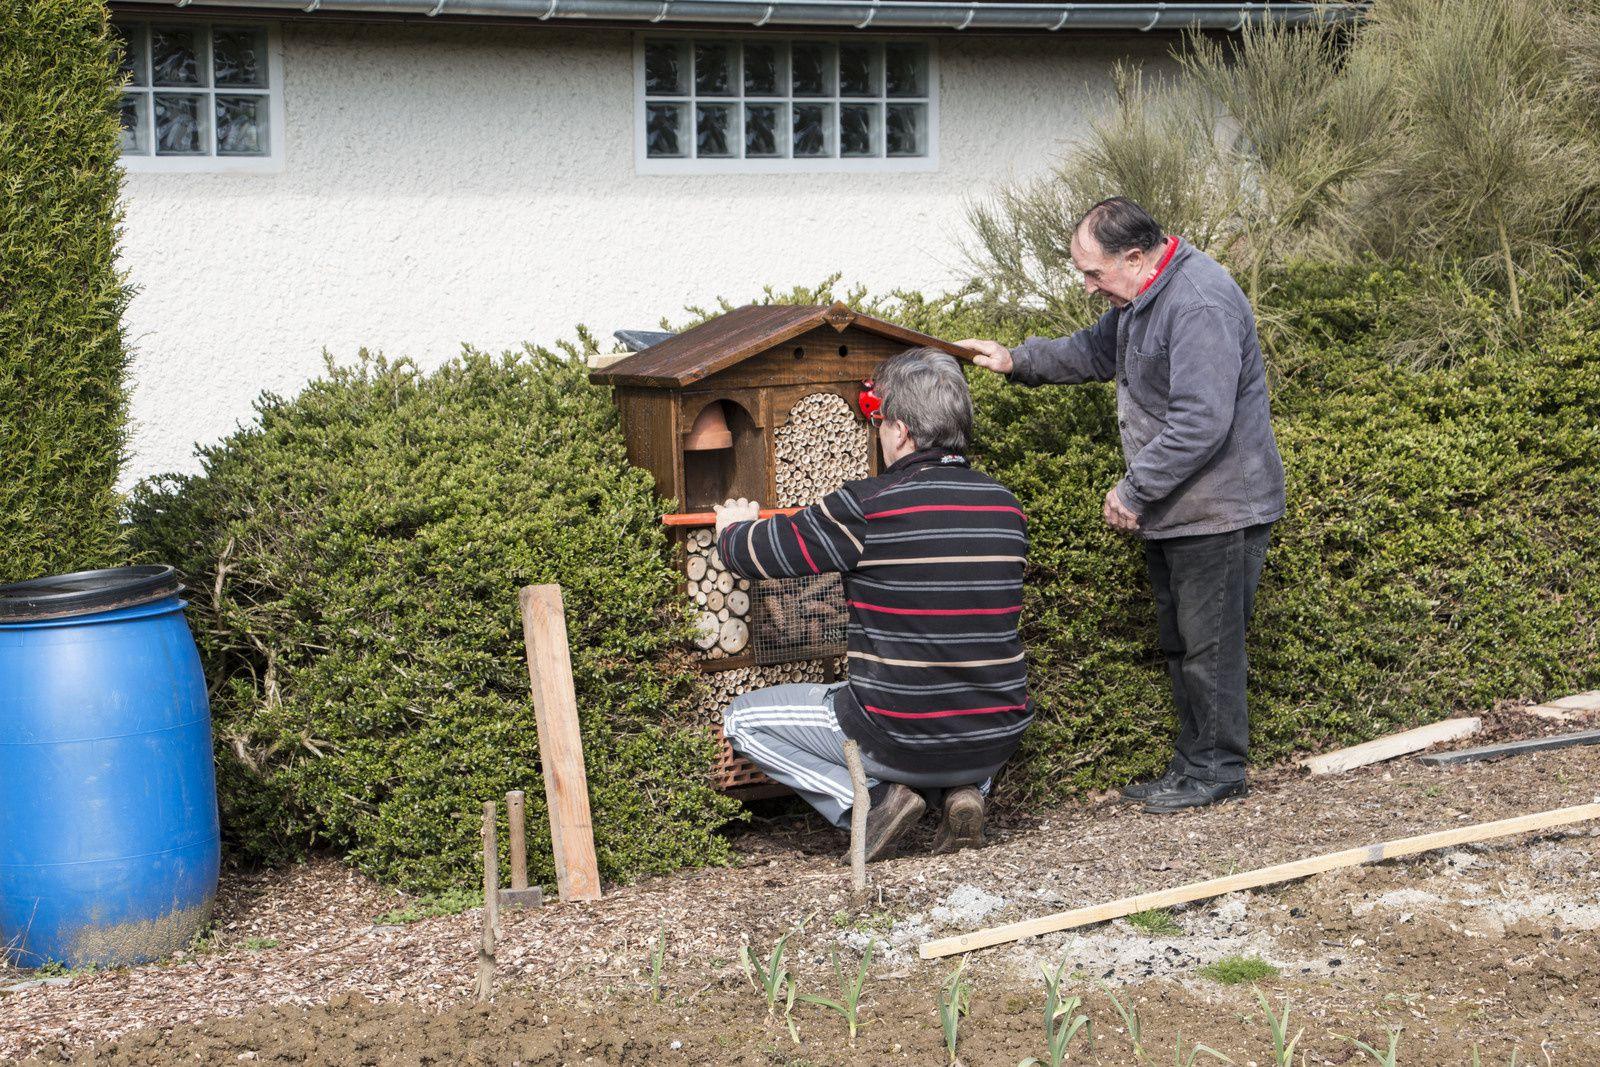 Le scellement assuré, installation du foin dans les pots de fleurs.